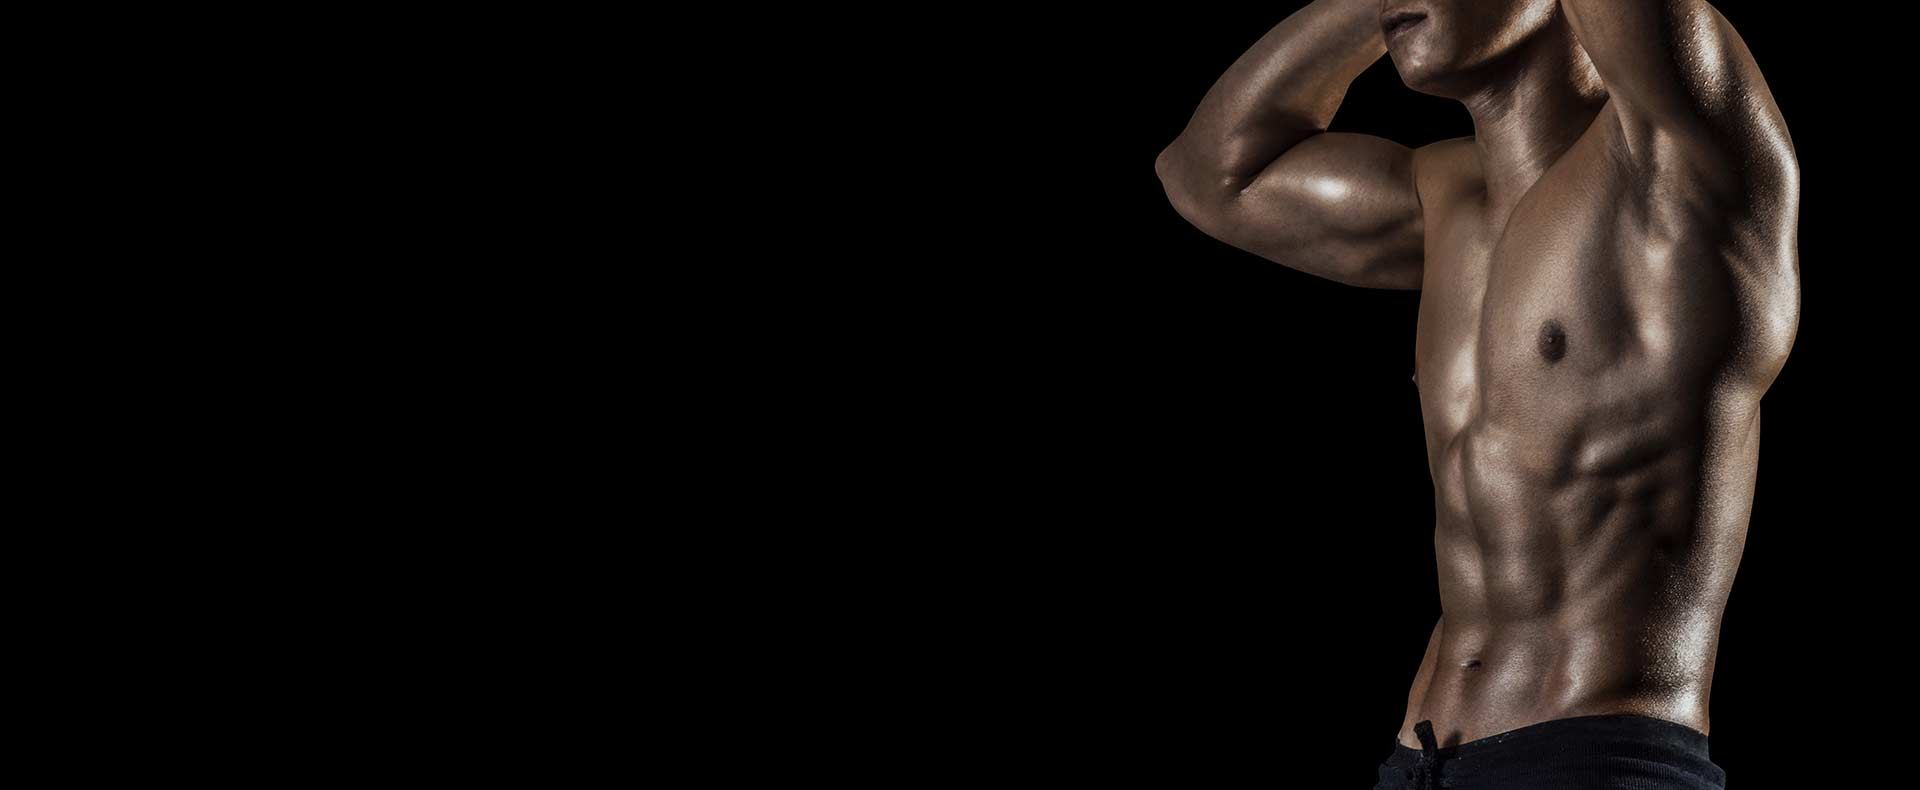 ginecomastia Ginecomastia | Eliminación de pecho en hombres